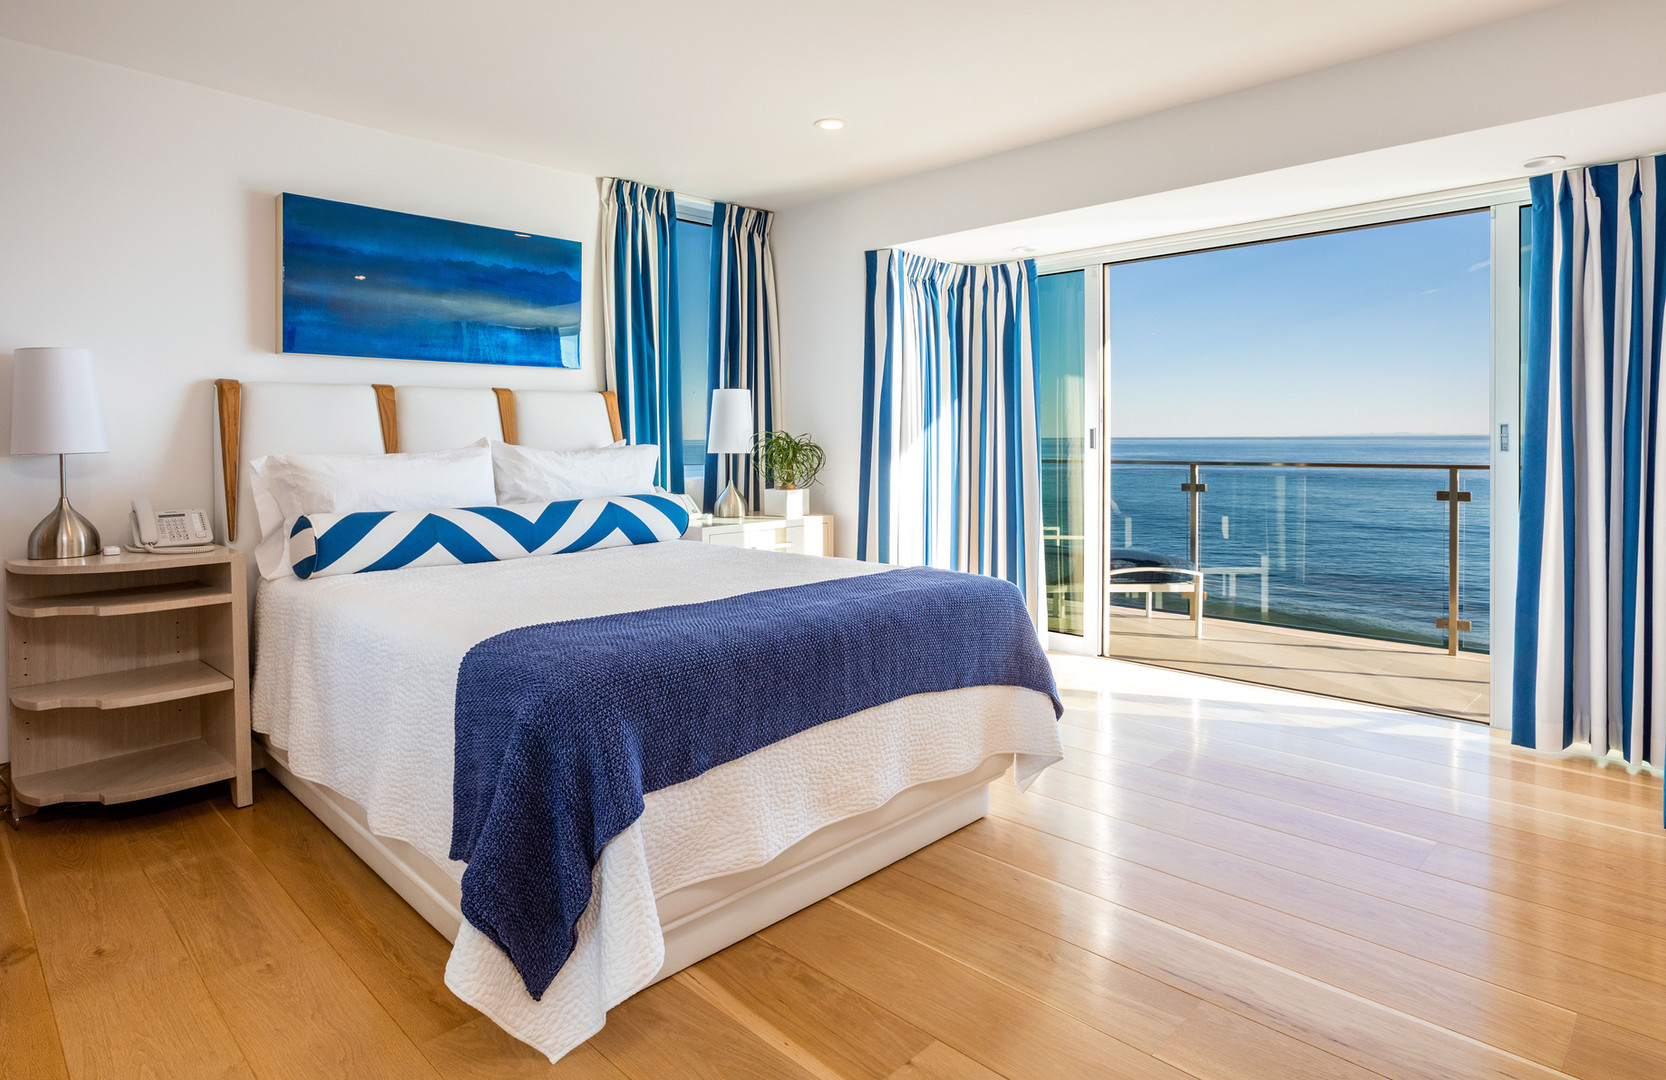 MALIBU BEACH HOUSE - GUEST SUITE